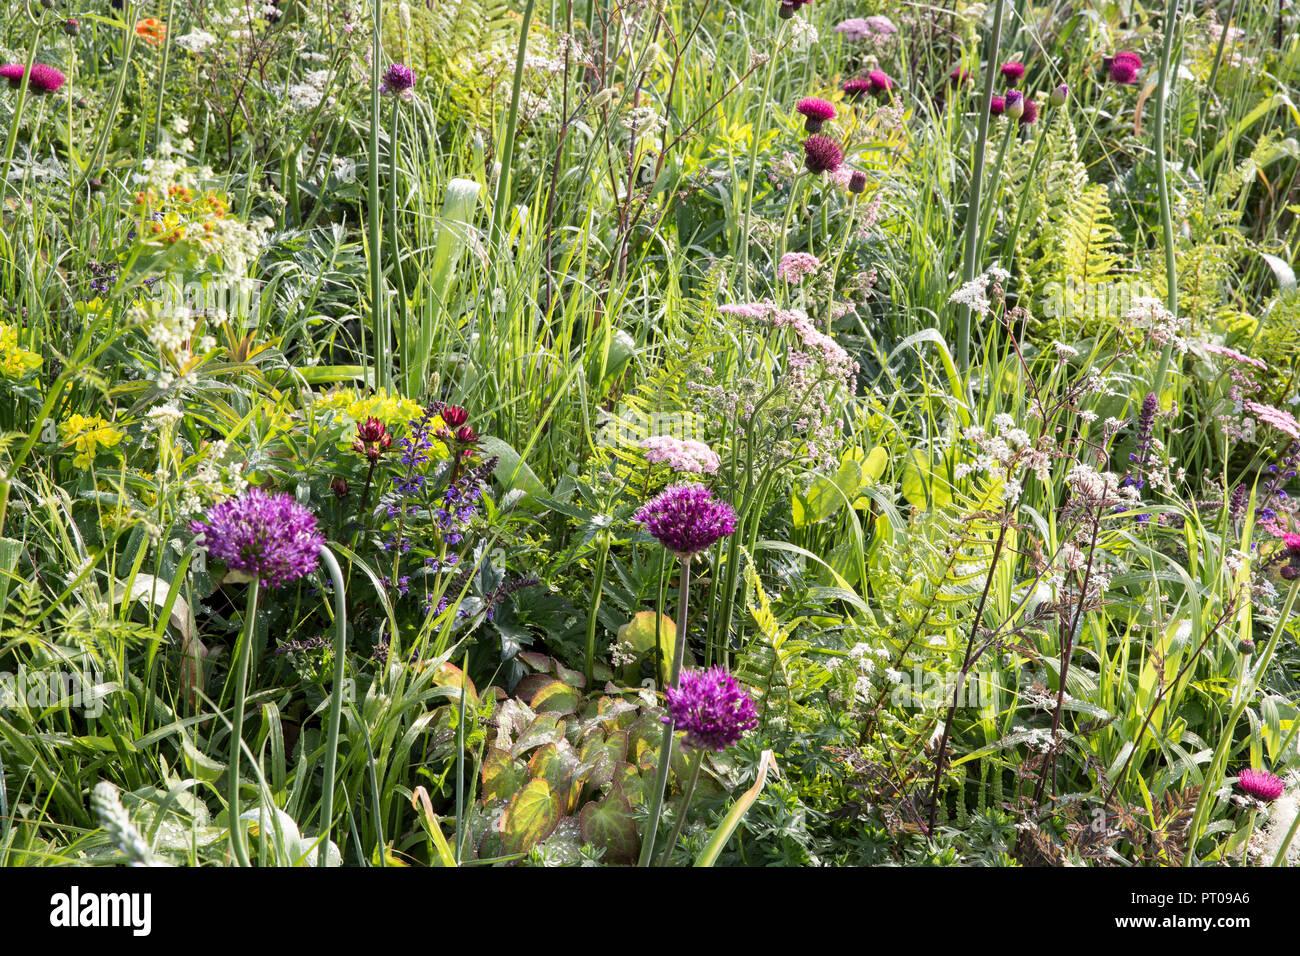 Meadow style planting of Allium hollandicum 'Purple Sensation', Cirsium rivulare 'Atropurpureum', Myrrhis odorata, Euphorbia, Orlaya grandiflora, Aqui - Stock Image